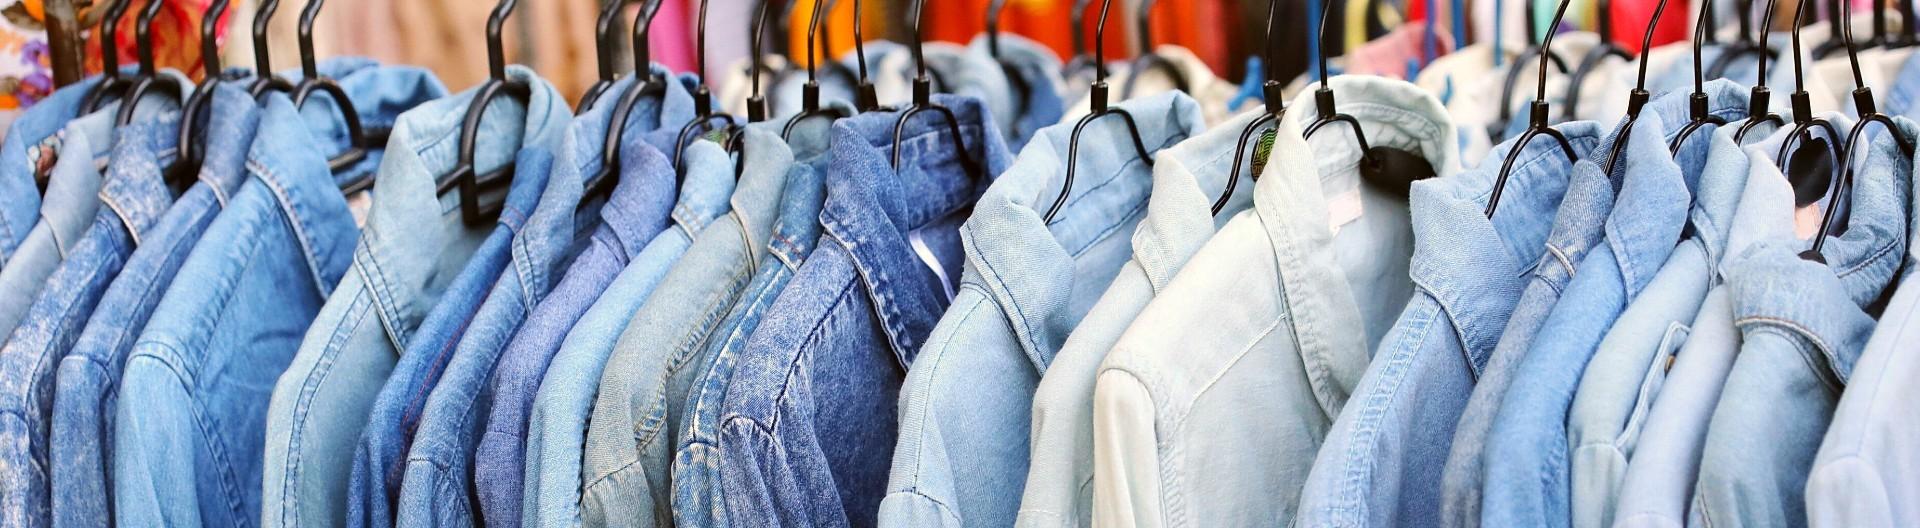 Viele Jeanshemden hängen hintereinander an einer Stange.